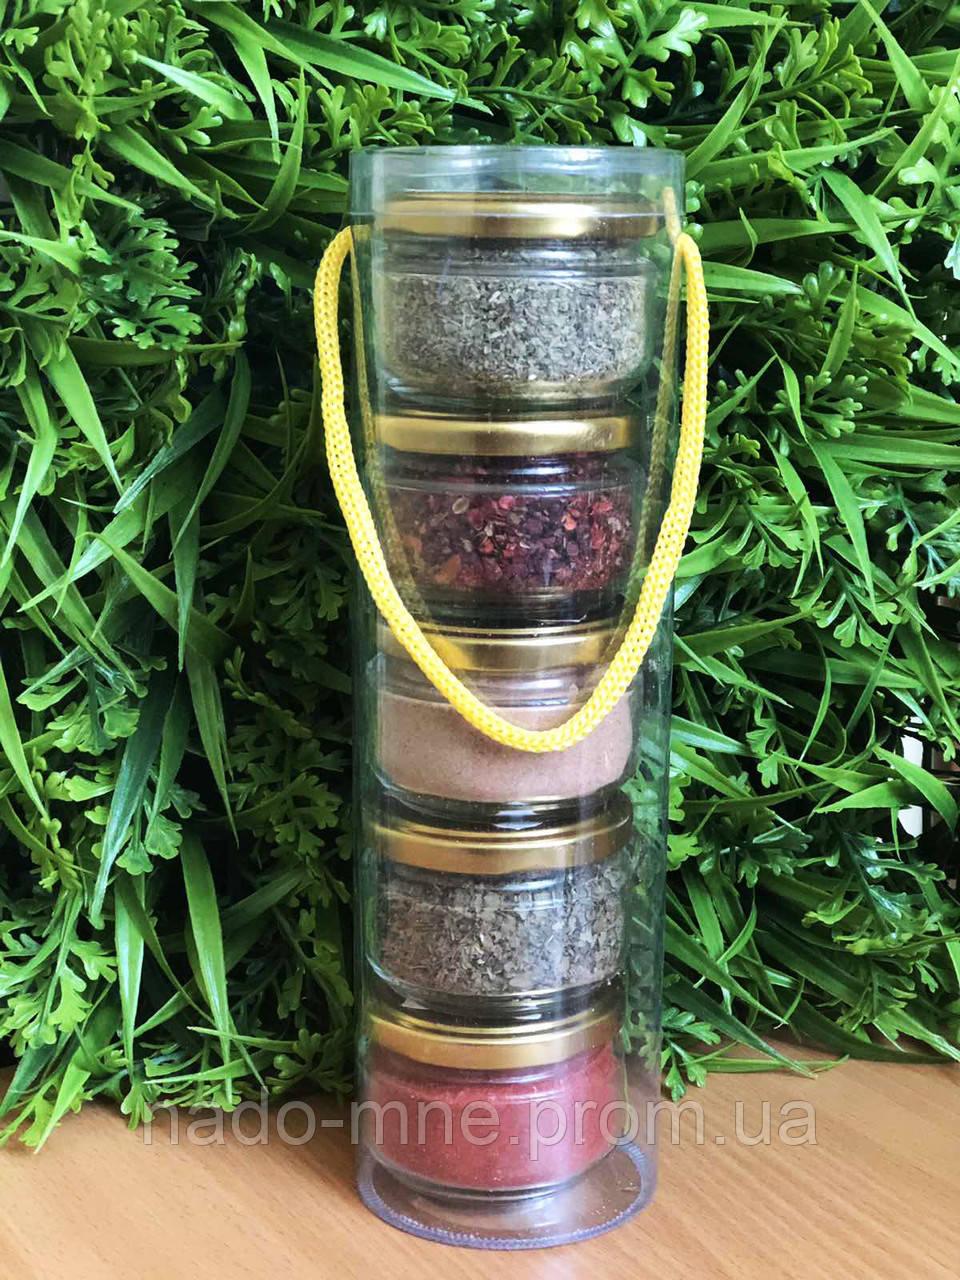 Специи и приправы в наборе: базилик, для мяса, майоран, аджика сухая, гвоздика